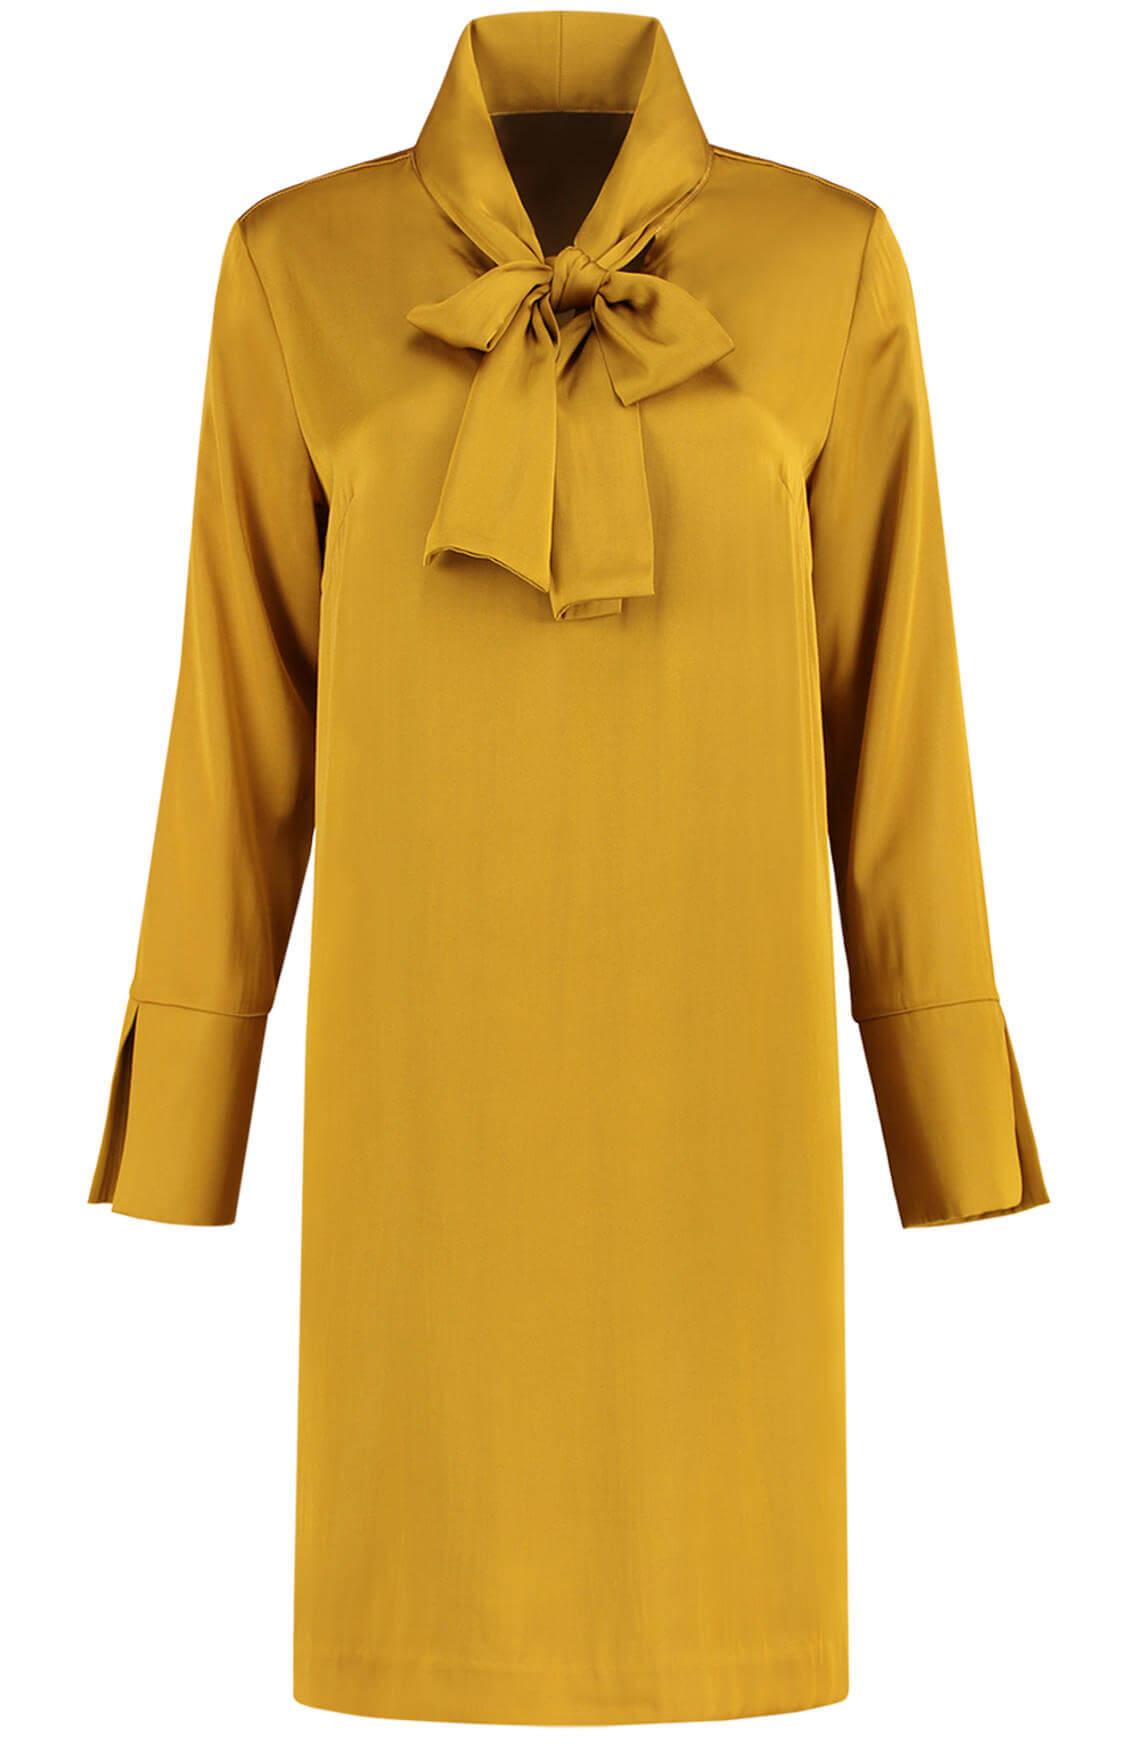 Fifth House Dames Roxy jurk met strik goud